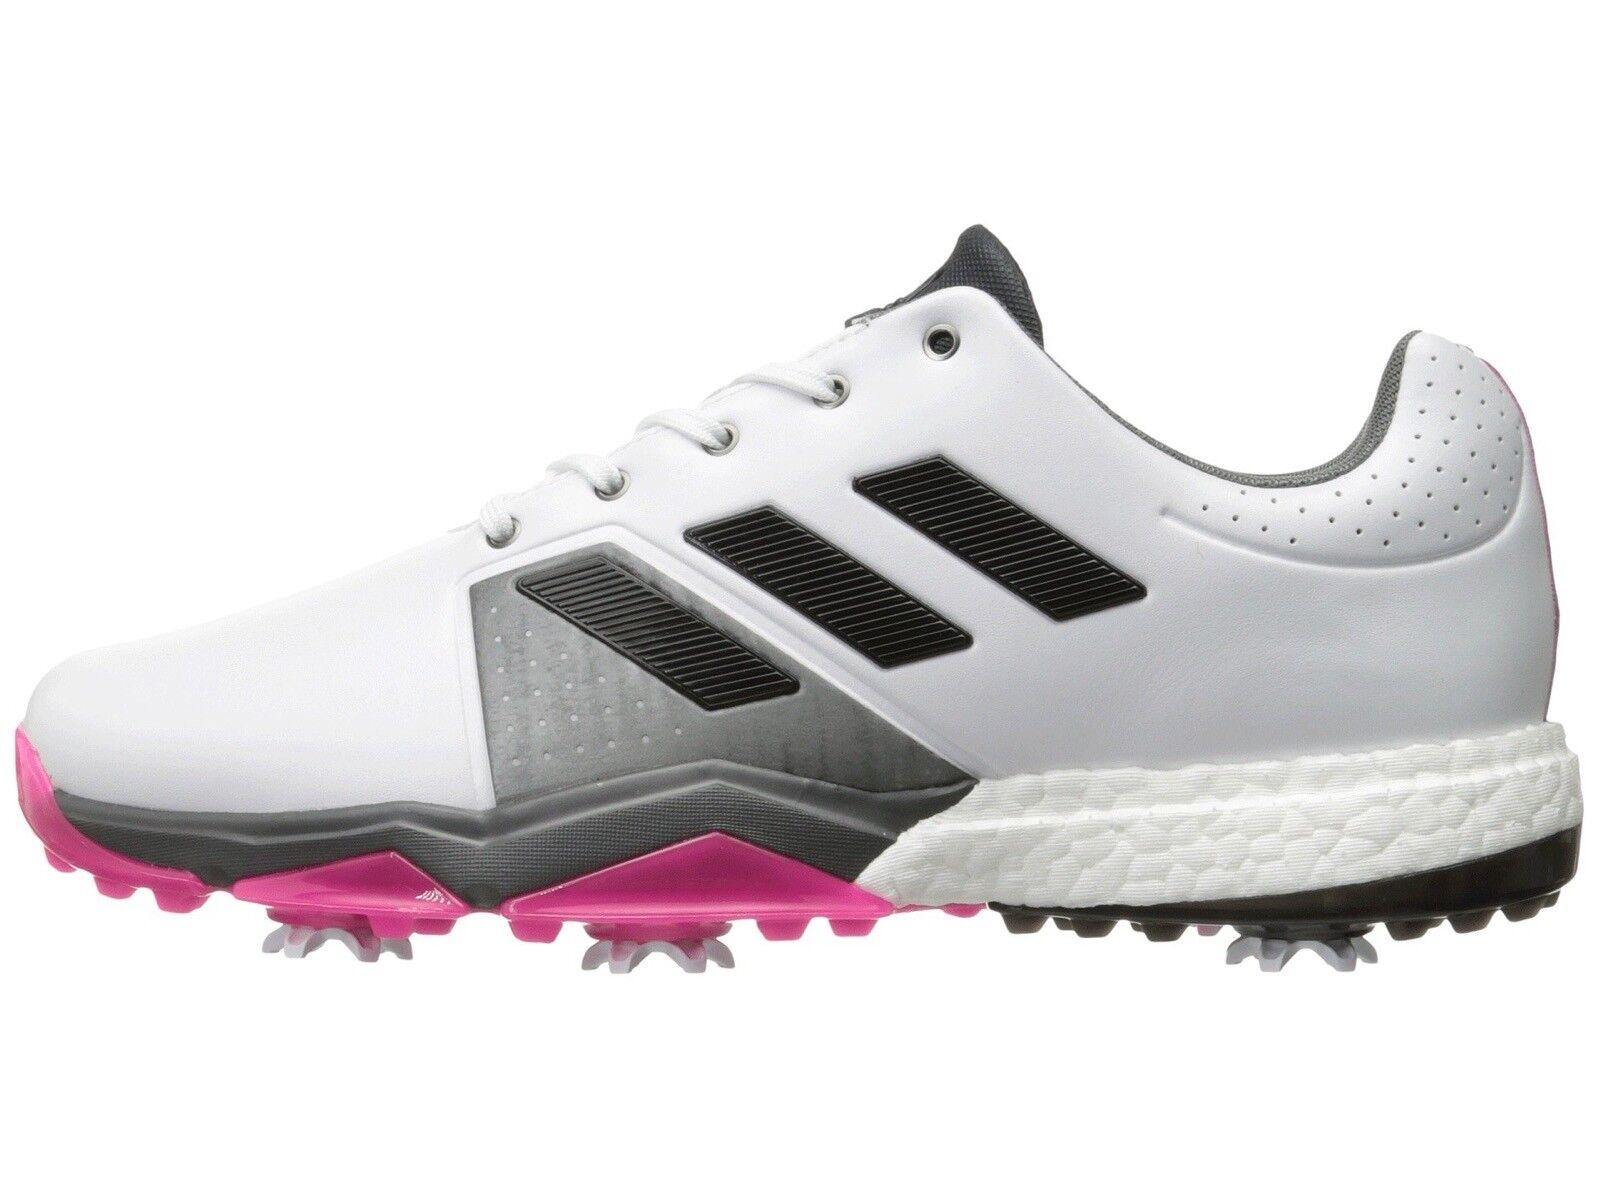 Nike Tanjun 812654 011 Black/White Textil/Synthet wbr/ ik NEU Herren Freizeit